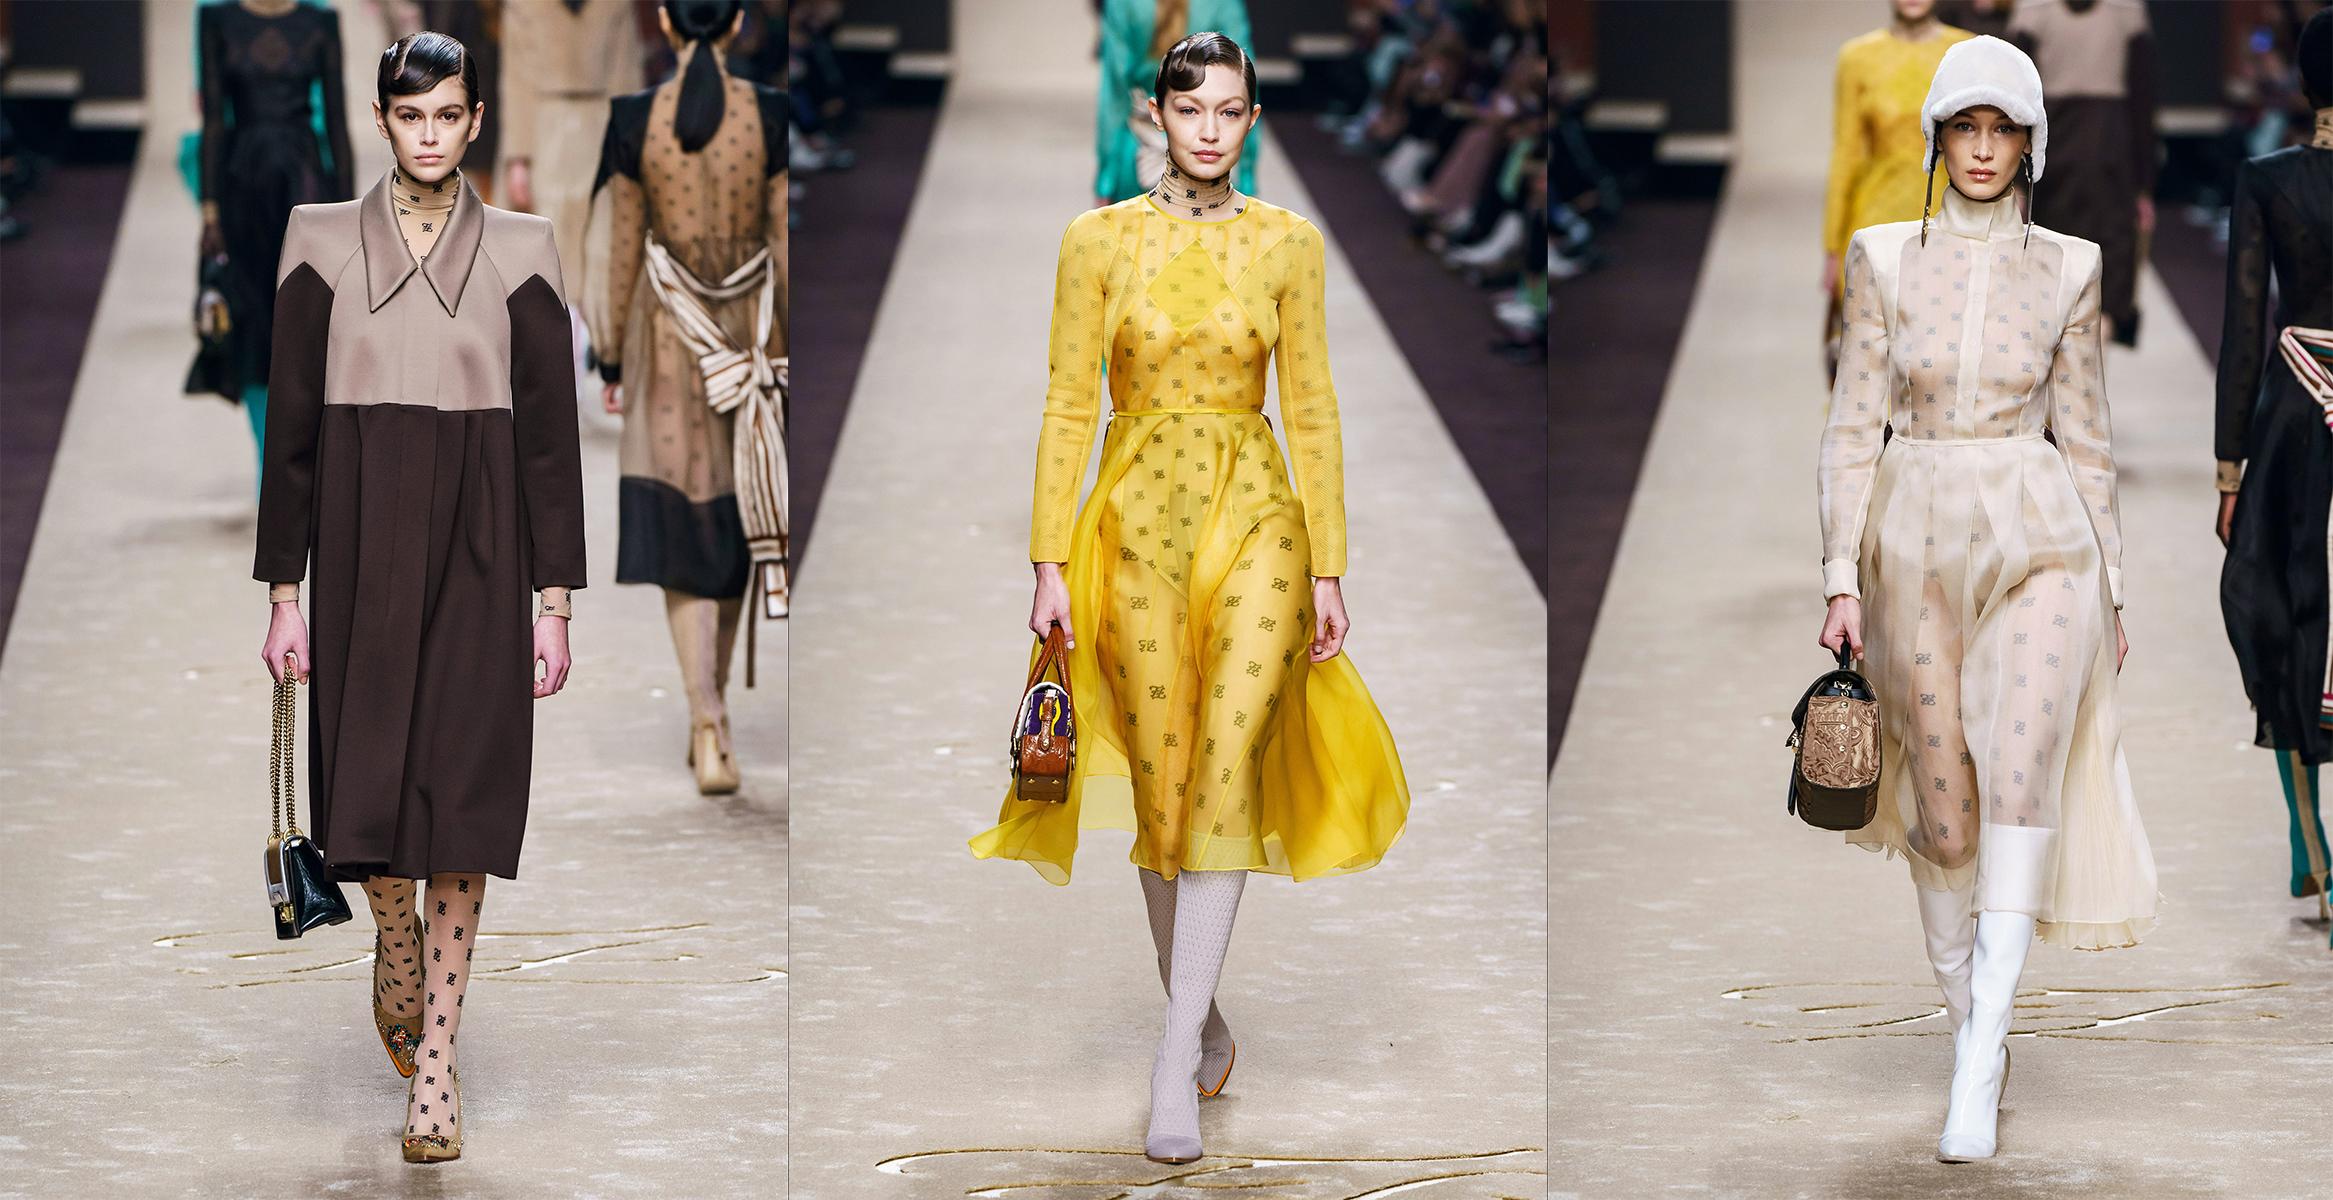 c281aa626 prehliadka kolekcie značky Fendi, Milan Fashion Week, 21. február 2019,  modelky zľava: Kaia Gerber, Bella Hadid, Gigi Hadid, zdroj: Vogue it.  Najnovšia ...